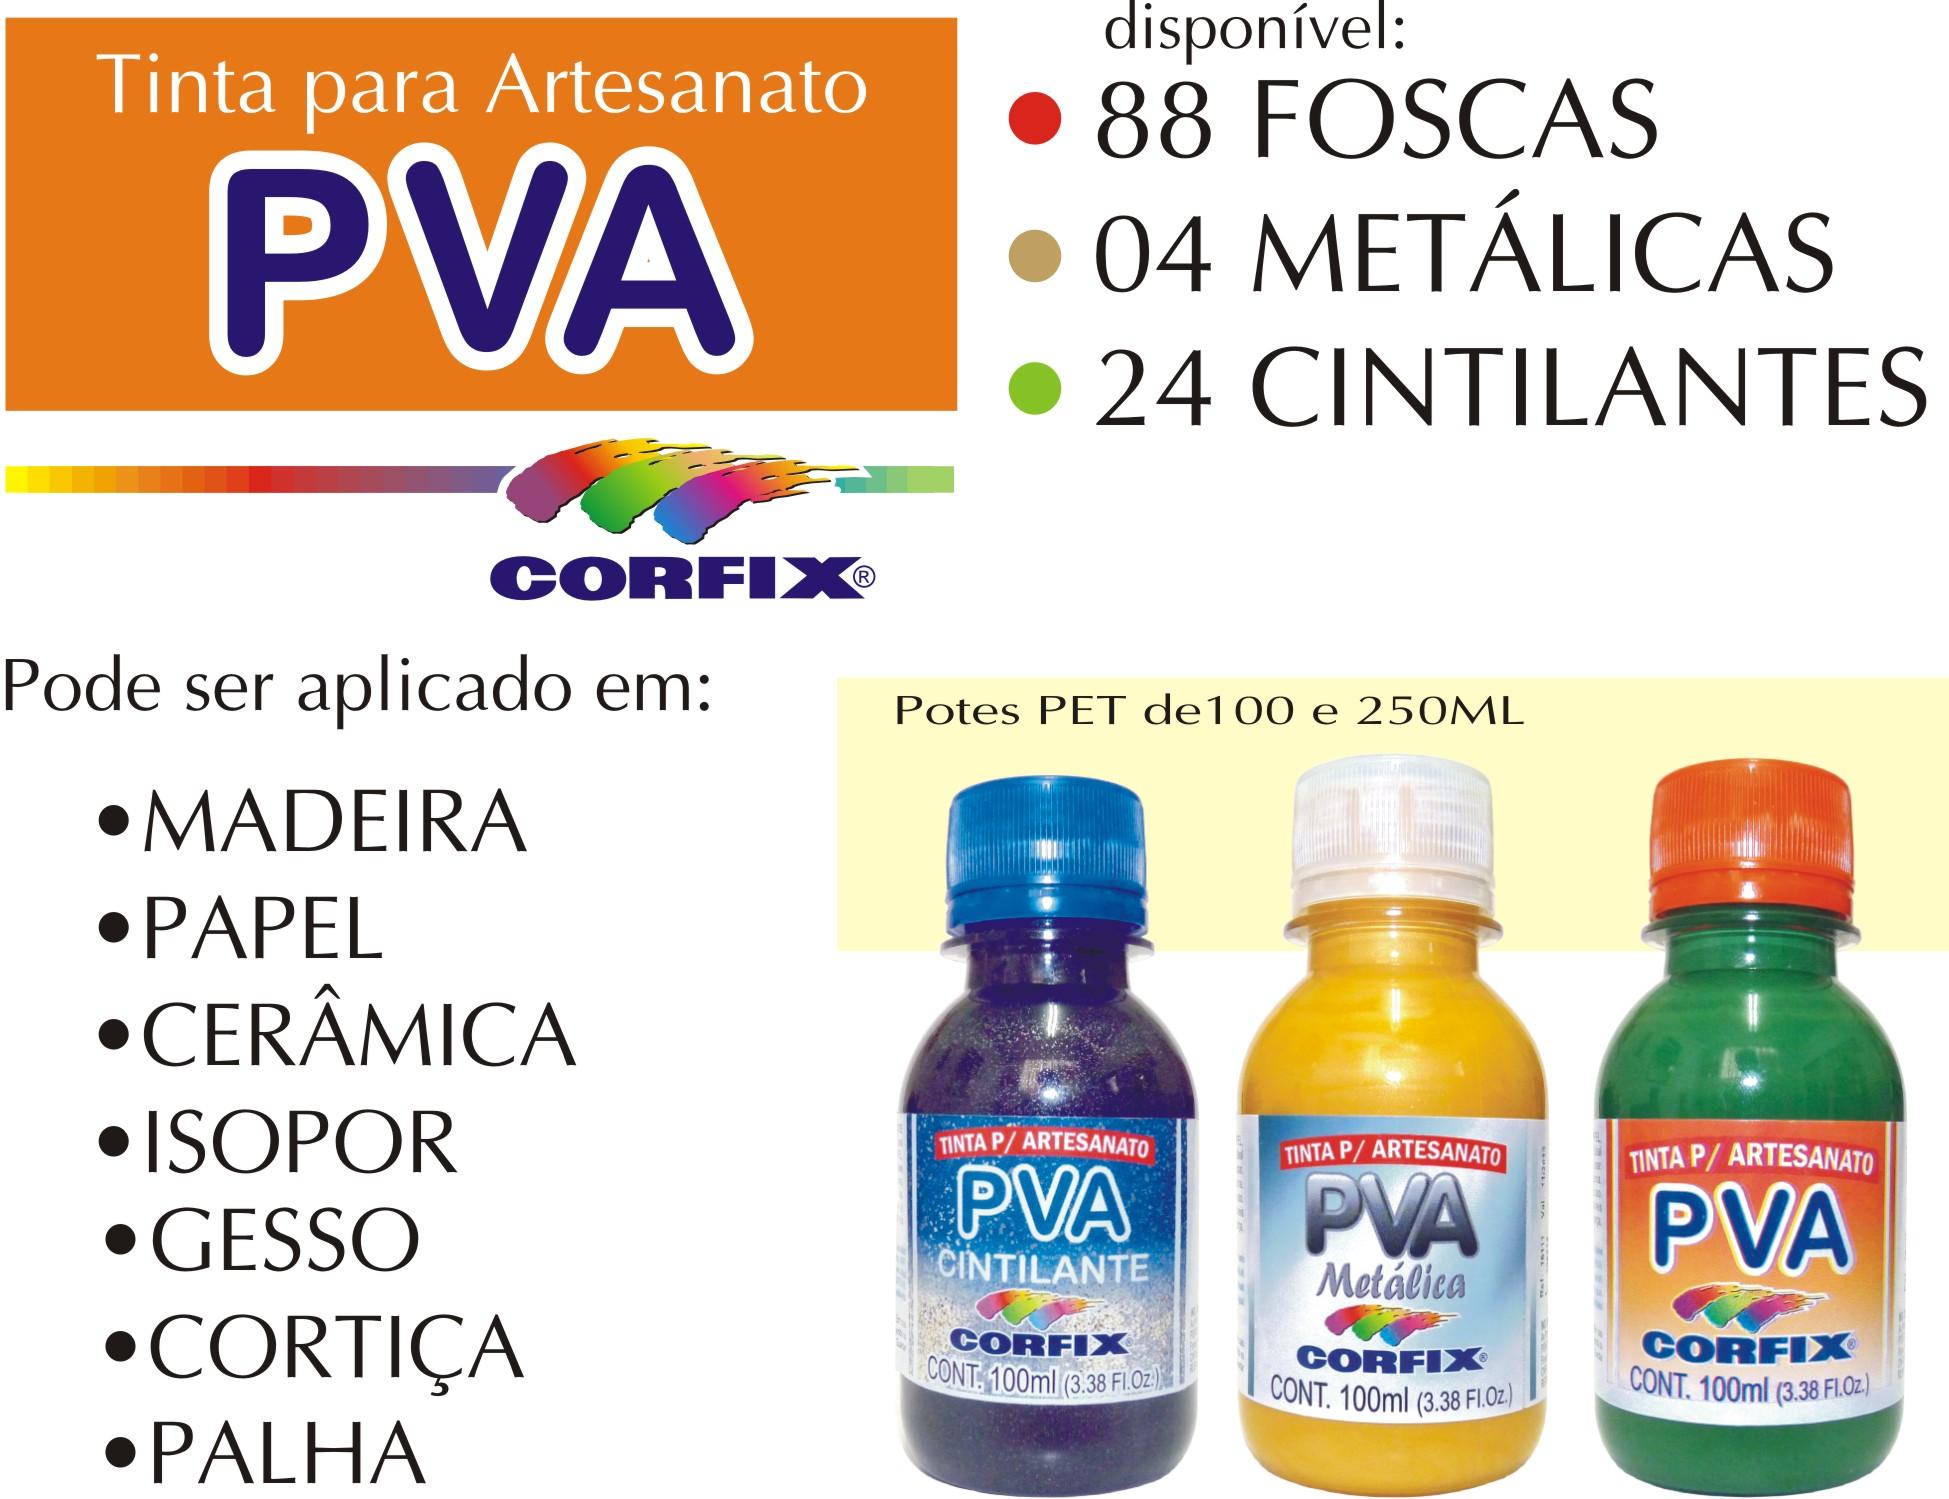 Tinta para Artesanato PVA da Corfix? Ela pode ser aplicada em  #B99012 1949x1499